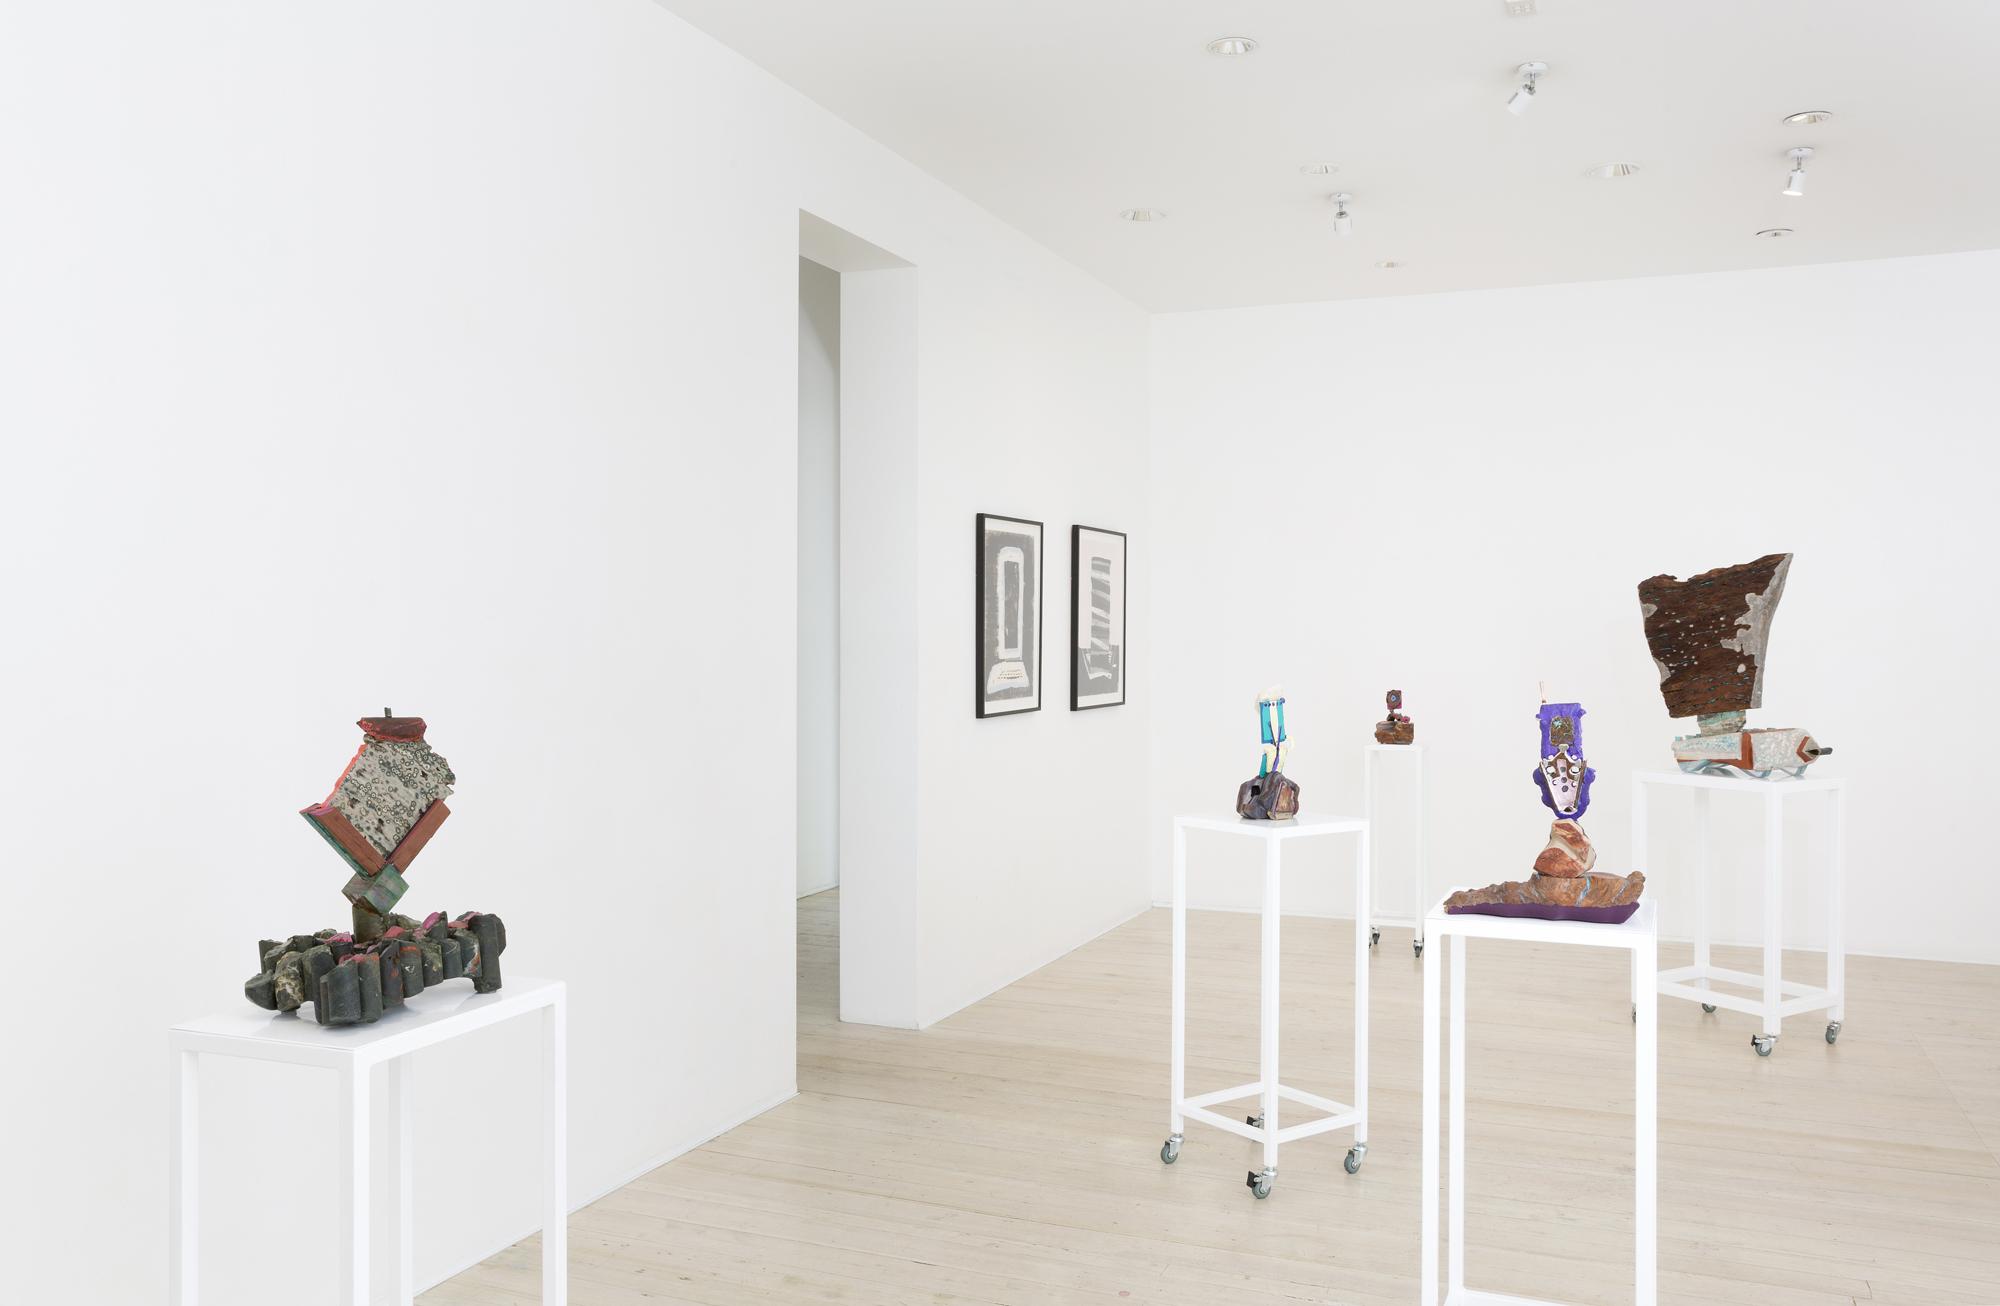 Andrzej Zielinski, Gallery 9, Artist